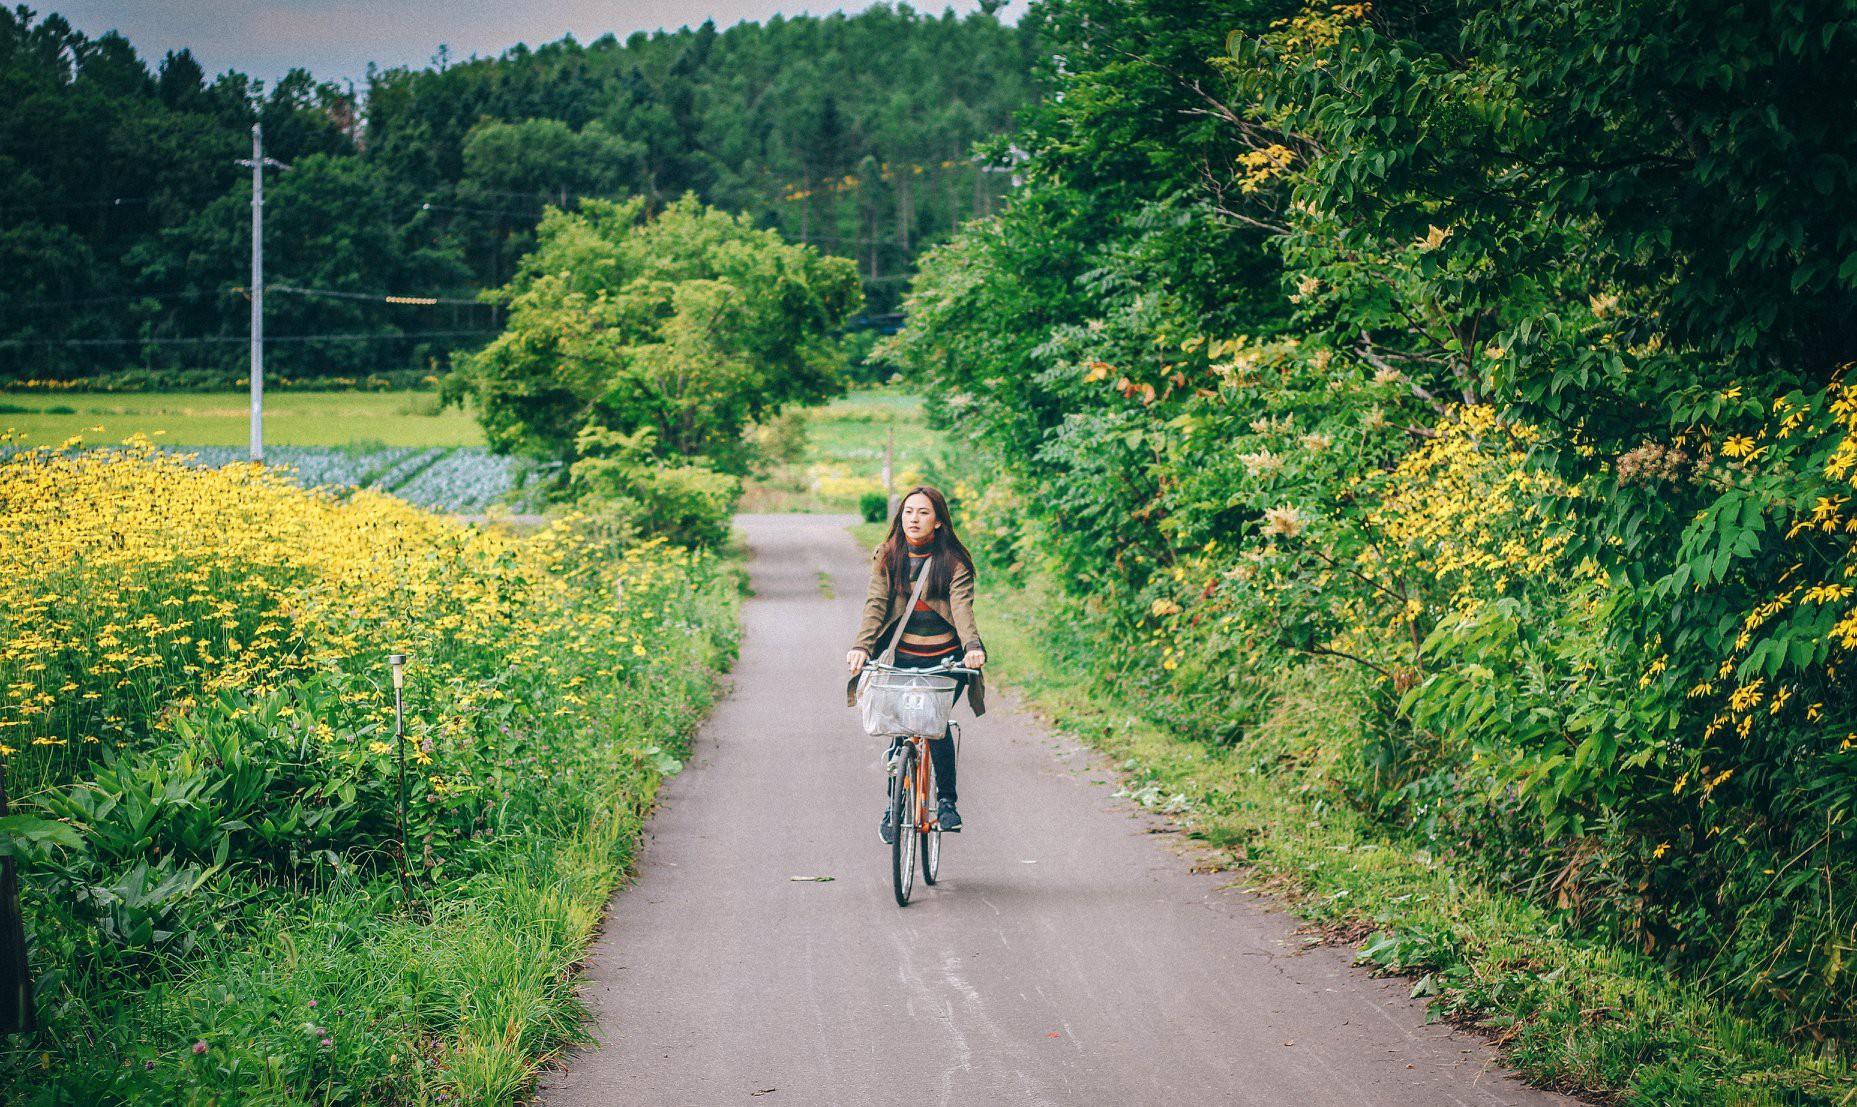 Được quay ở thị trấn nhiếp ảnh nên đừng hỏi vì sao Nhật Bản trong Nhắm mắt thấy mùa hè lại đẹp ngẩn ngơ đến thế - Ảnh 5.